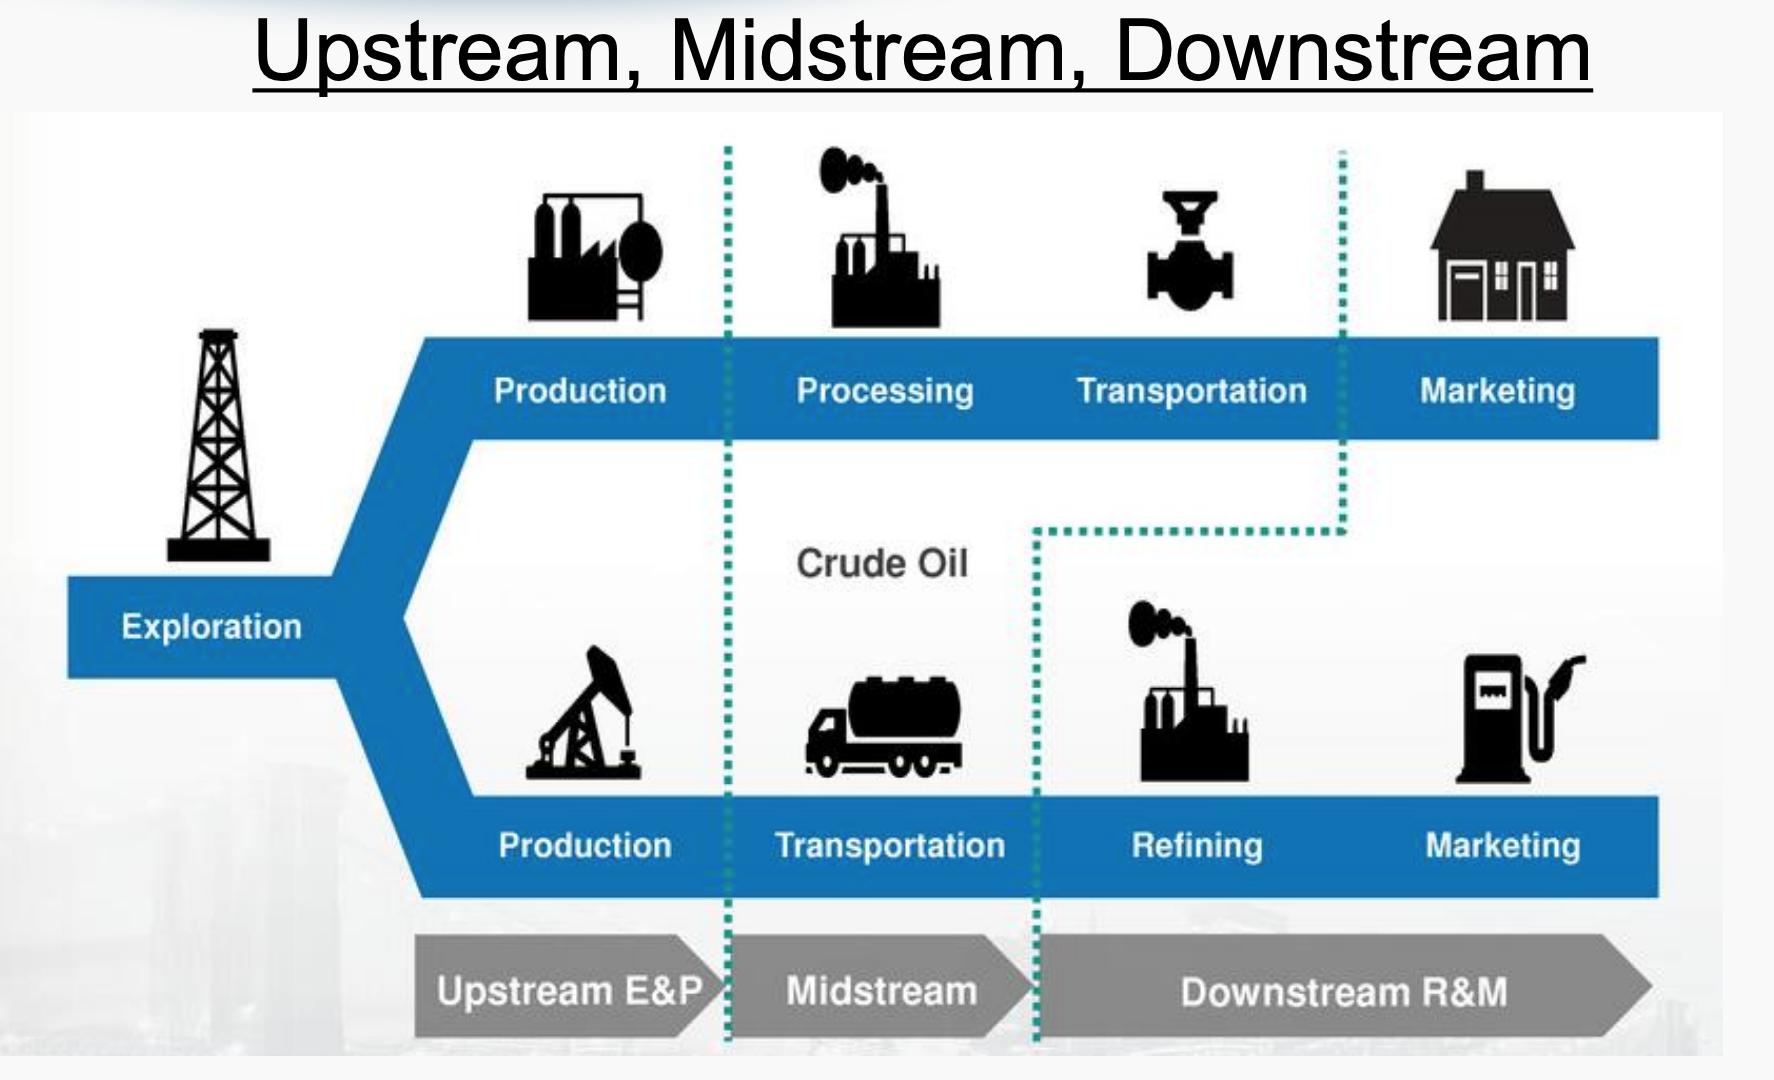 Diagrama de upstream, midstream y downstream de petróleo y gas